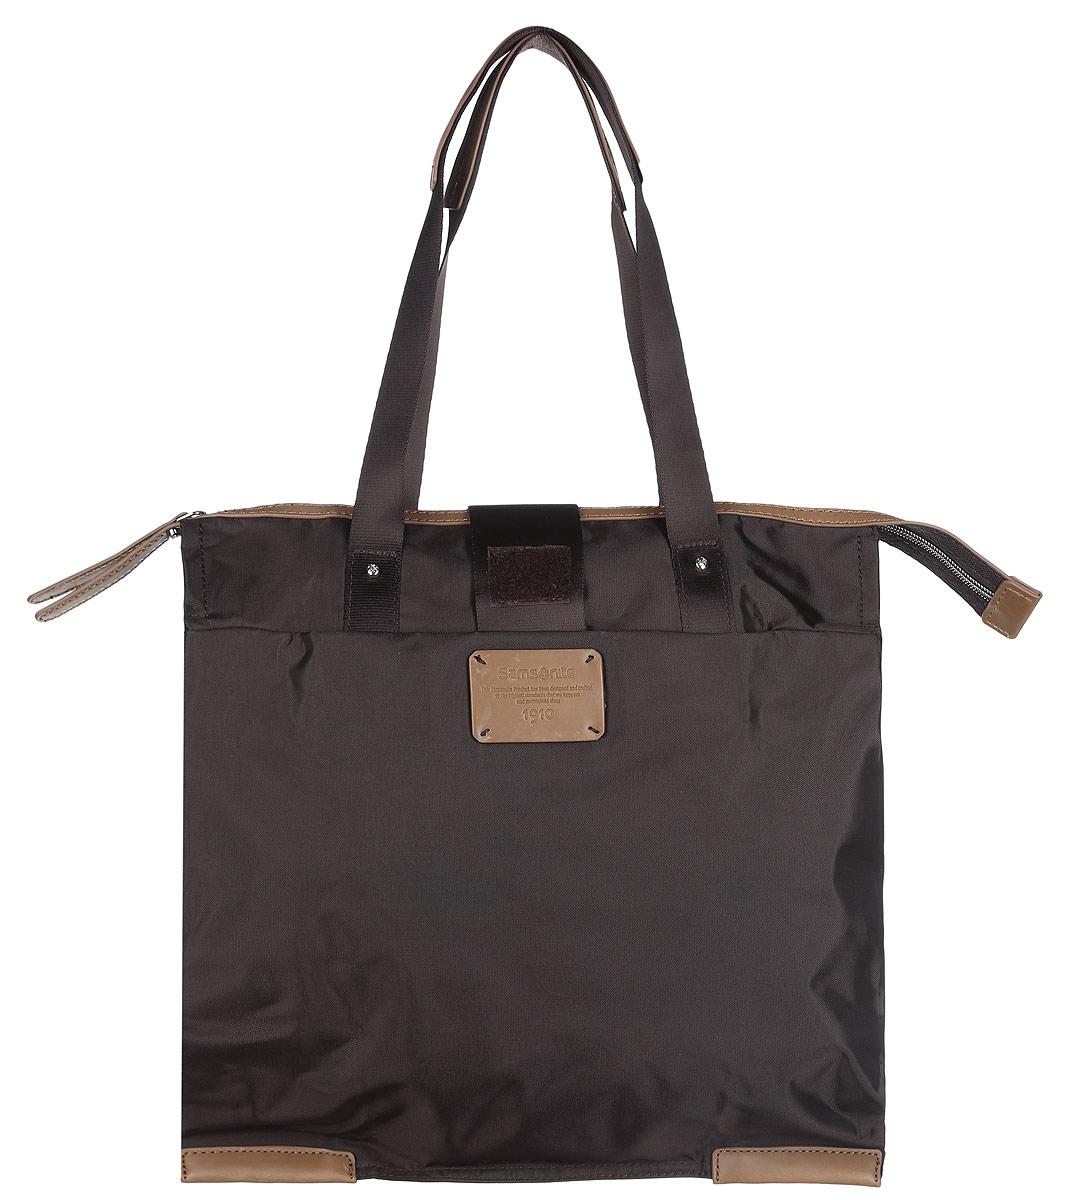 Сумка складная Samsonite, цвет: темно-коричневый. 52V-370013-47670-00504Складная женская сумка Samsonite выполнена из полиамида с добавлением полиуретана и оформлена контрастными вставками и нашивкой логотипа бренда. Изделие содержит одно вместительное отделение, закрывающееся на застежку-молнию. На внешней стороне сумки есть прорезной открытый карман. Сумка оснащена двумя удобными ручками, высота которых позволяет носить сумку как в руке, так и на плече.Сумка не имеет жесткой структуры, за счет чего быстро складывается и фиксируется хлястиком с липучкой и не занимает много места. Такая сумка будет удобна в хранении и в использовании.